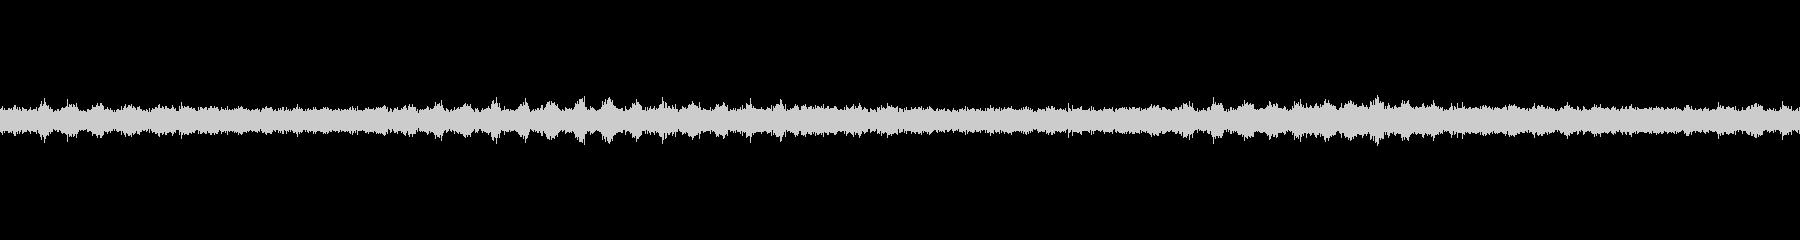 セミの声ループ・シングルの未再生の波形